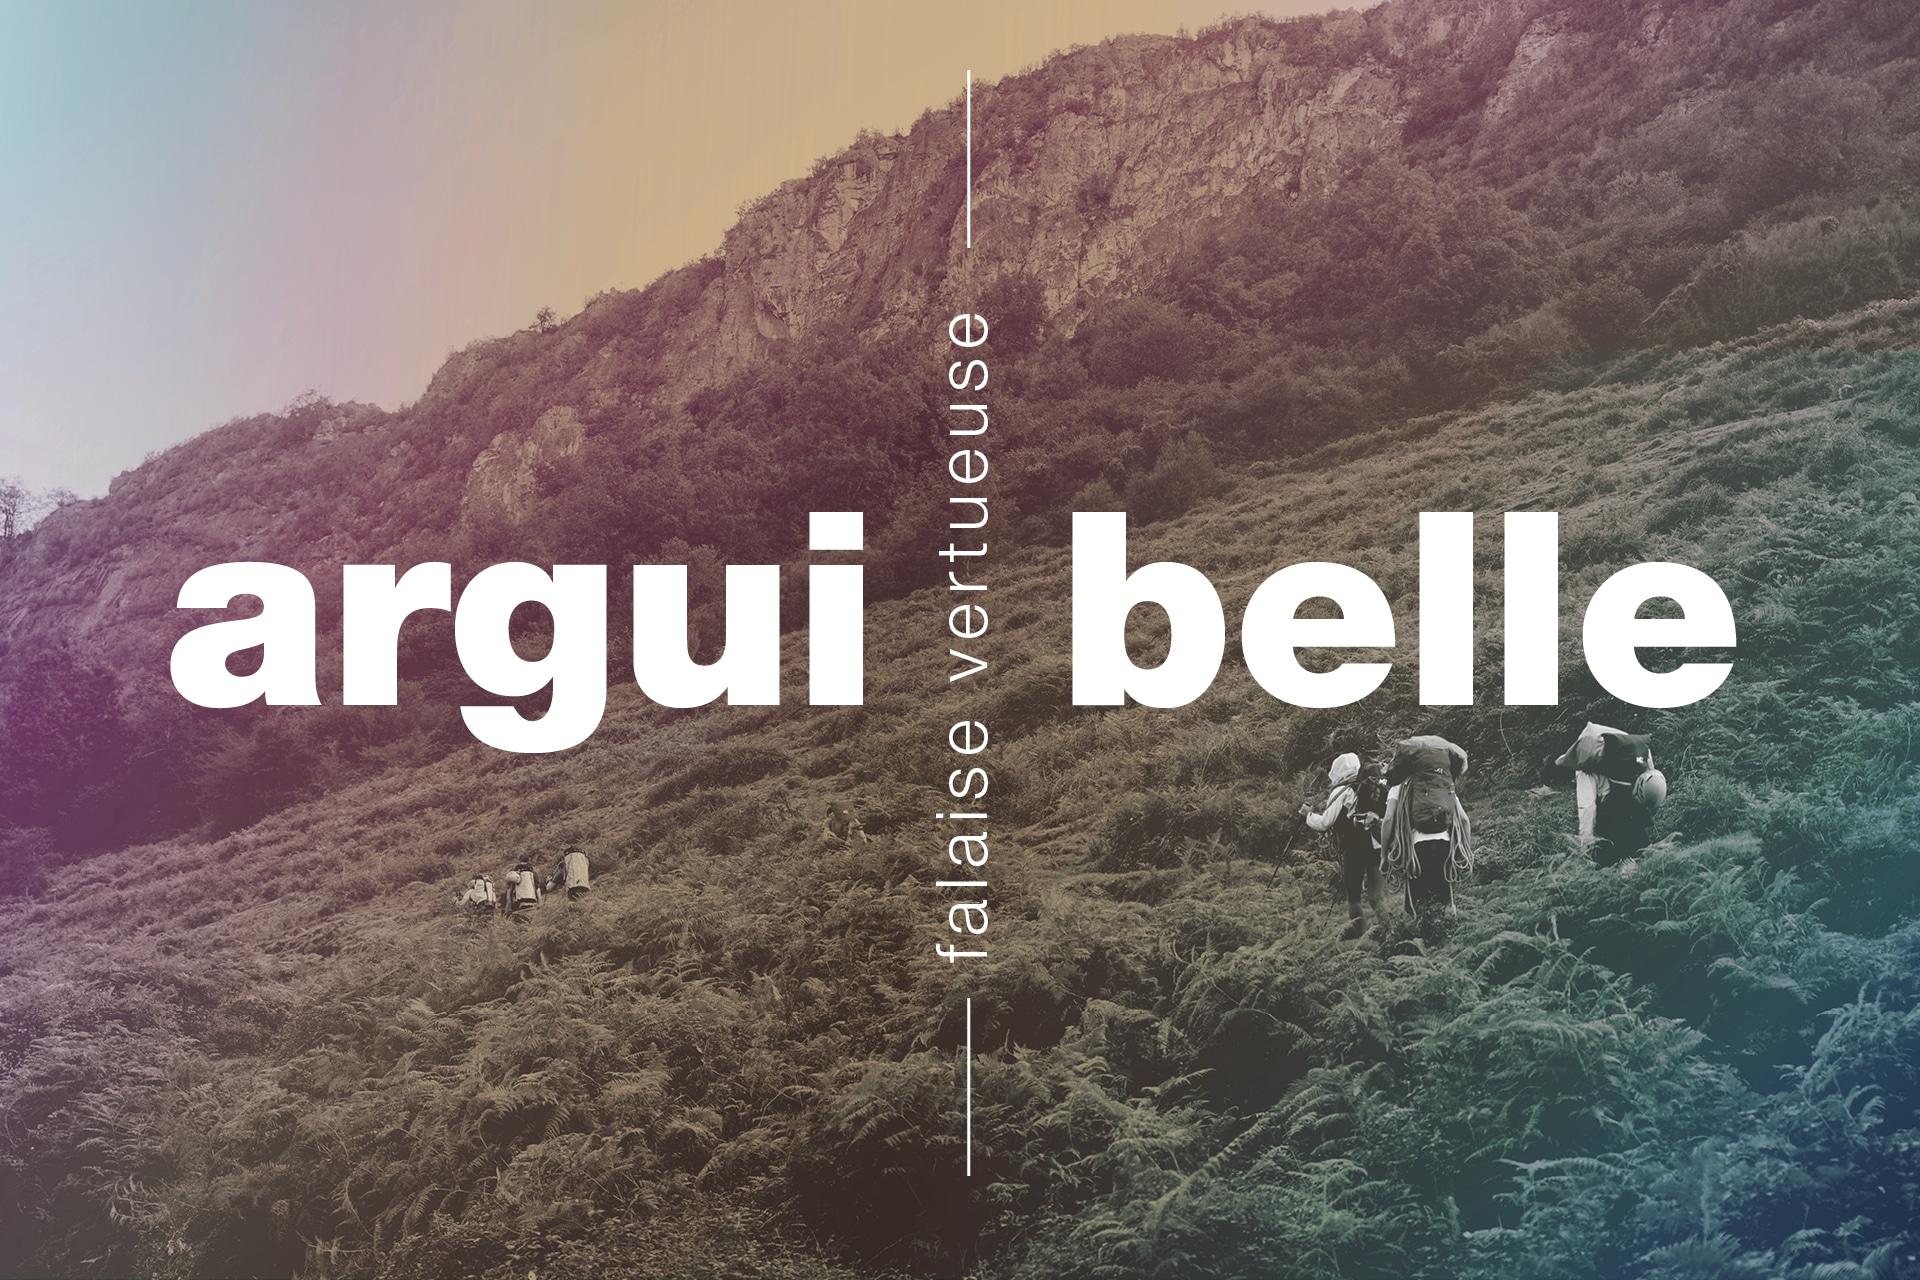 GV #29 : Arguibelle, falaise vertueuse